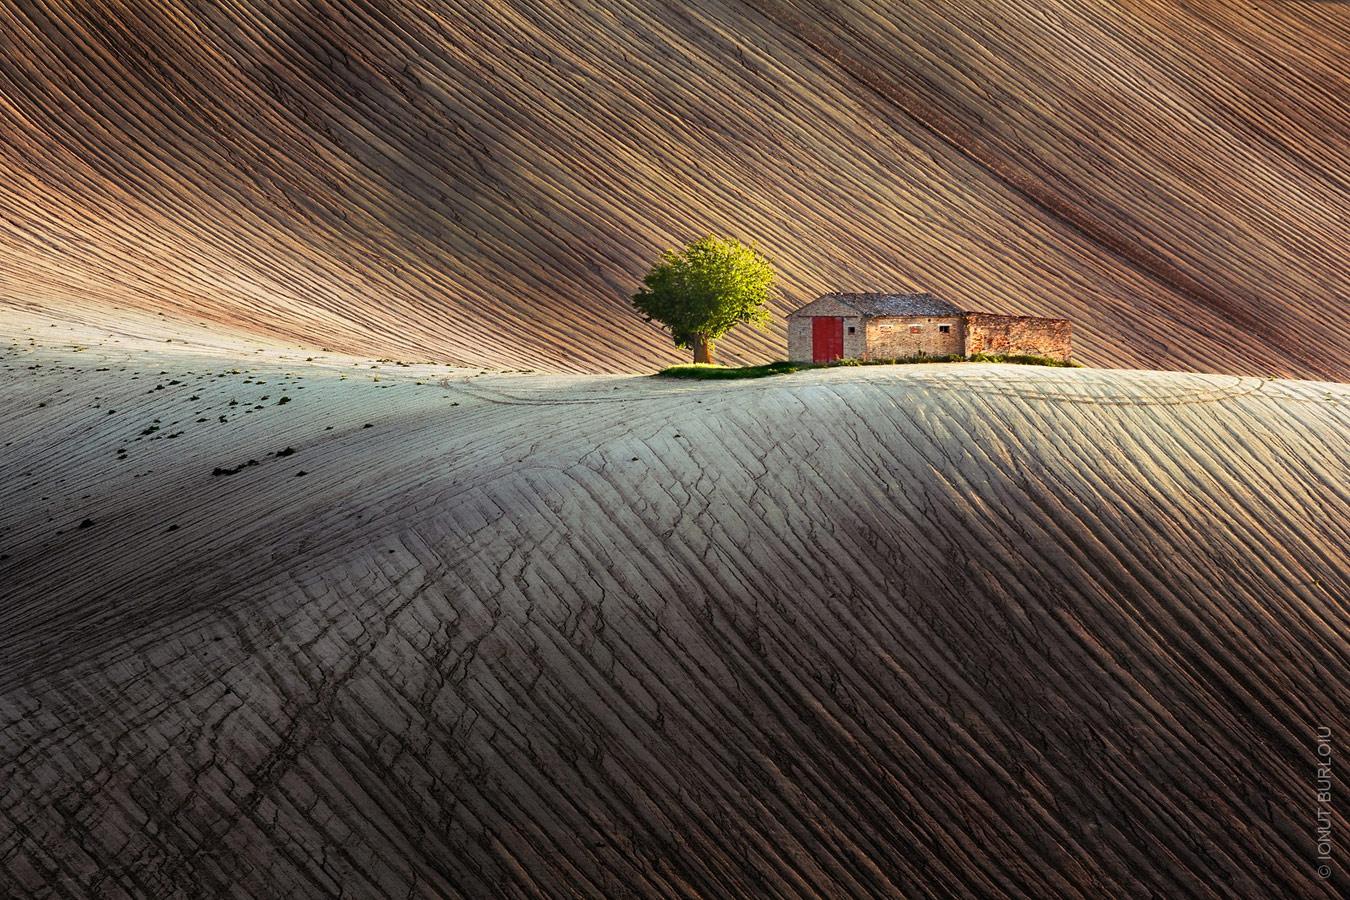 Душа Земли, © Ионут Бурлоу / Ionut Burloiu, Глобальный победитель, Фотоконкурс Metro Photo Challenge